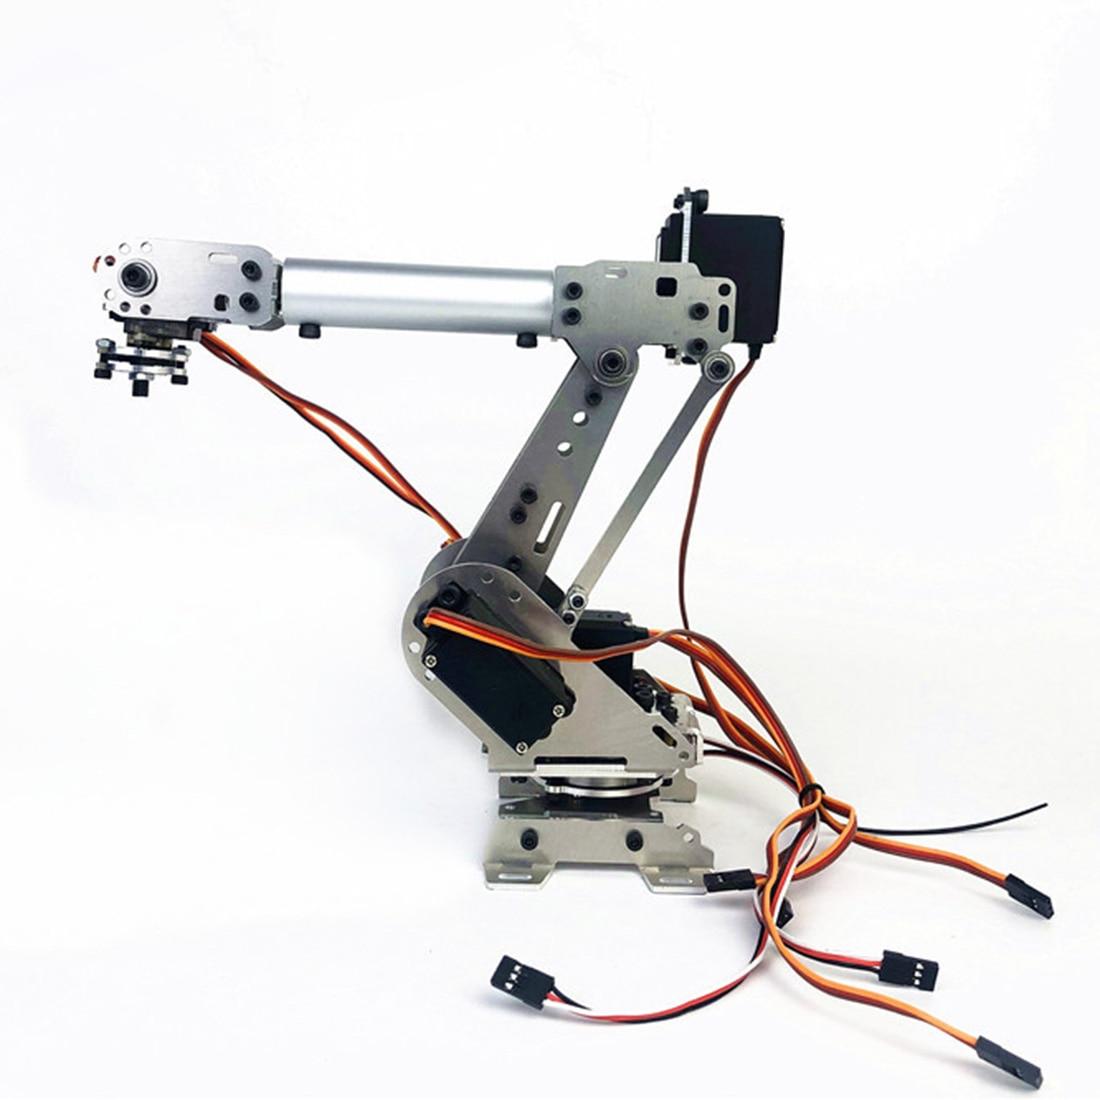 DIY 6DOF Mechanical Arm Robot Kit ABB Industrial Robot Model For Children Kids Developmental Early Educational Toys Xmas Gift